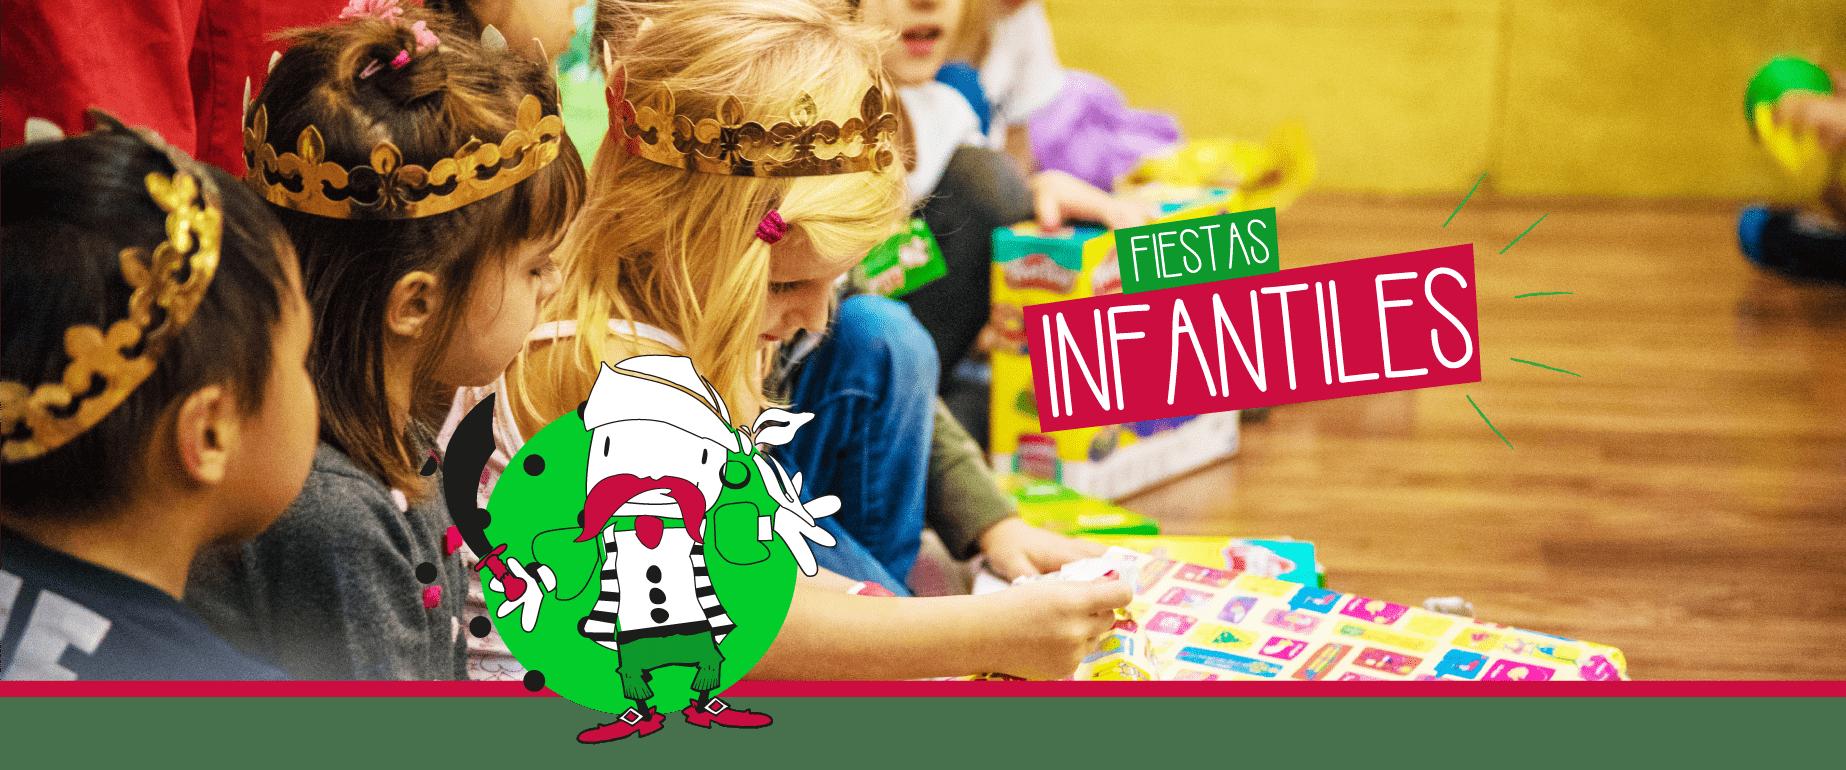 Fiestas infantiles y fiestas de cumplea os infantiles en for Fiestas tematicas bcn